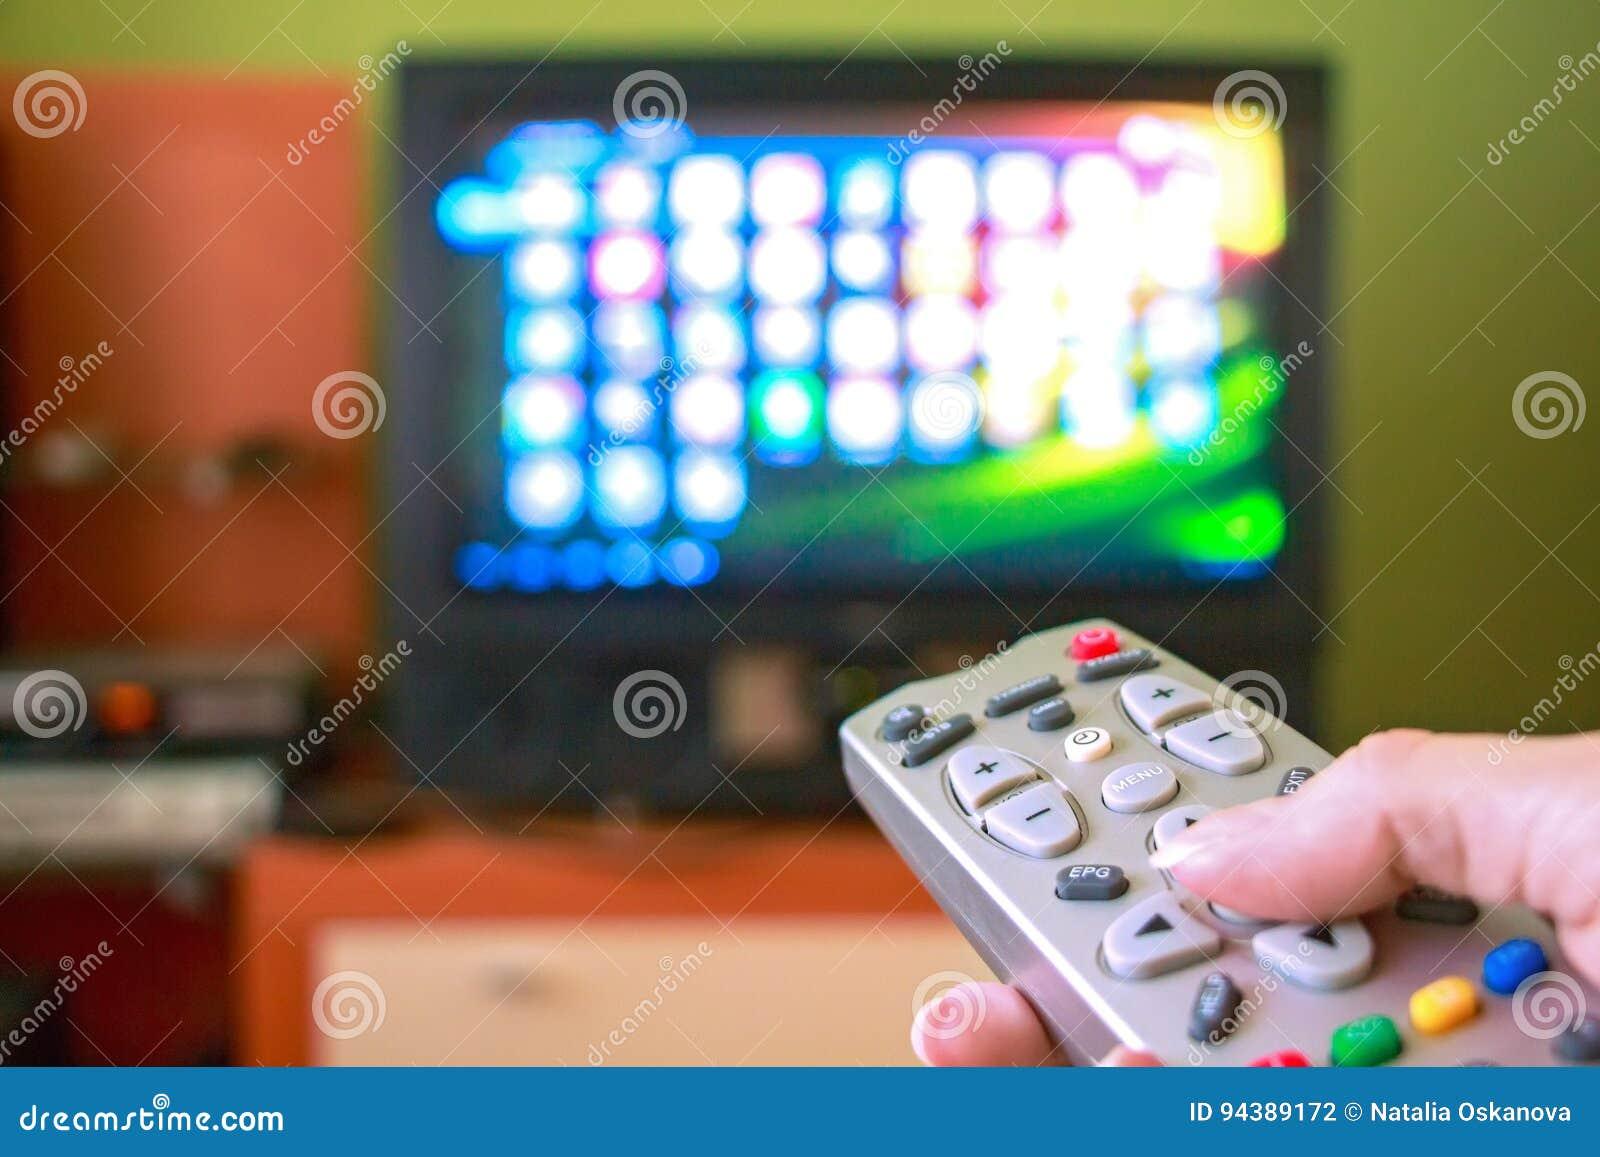 La main de femme tient la TV à télécommande